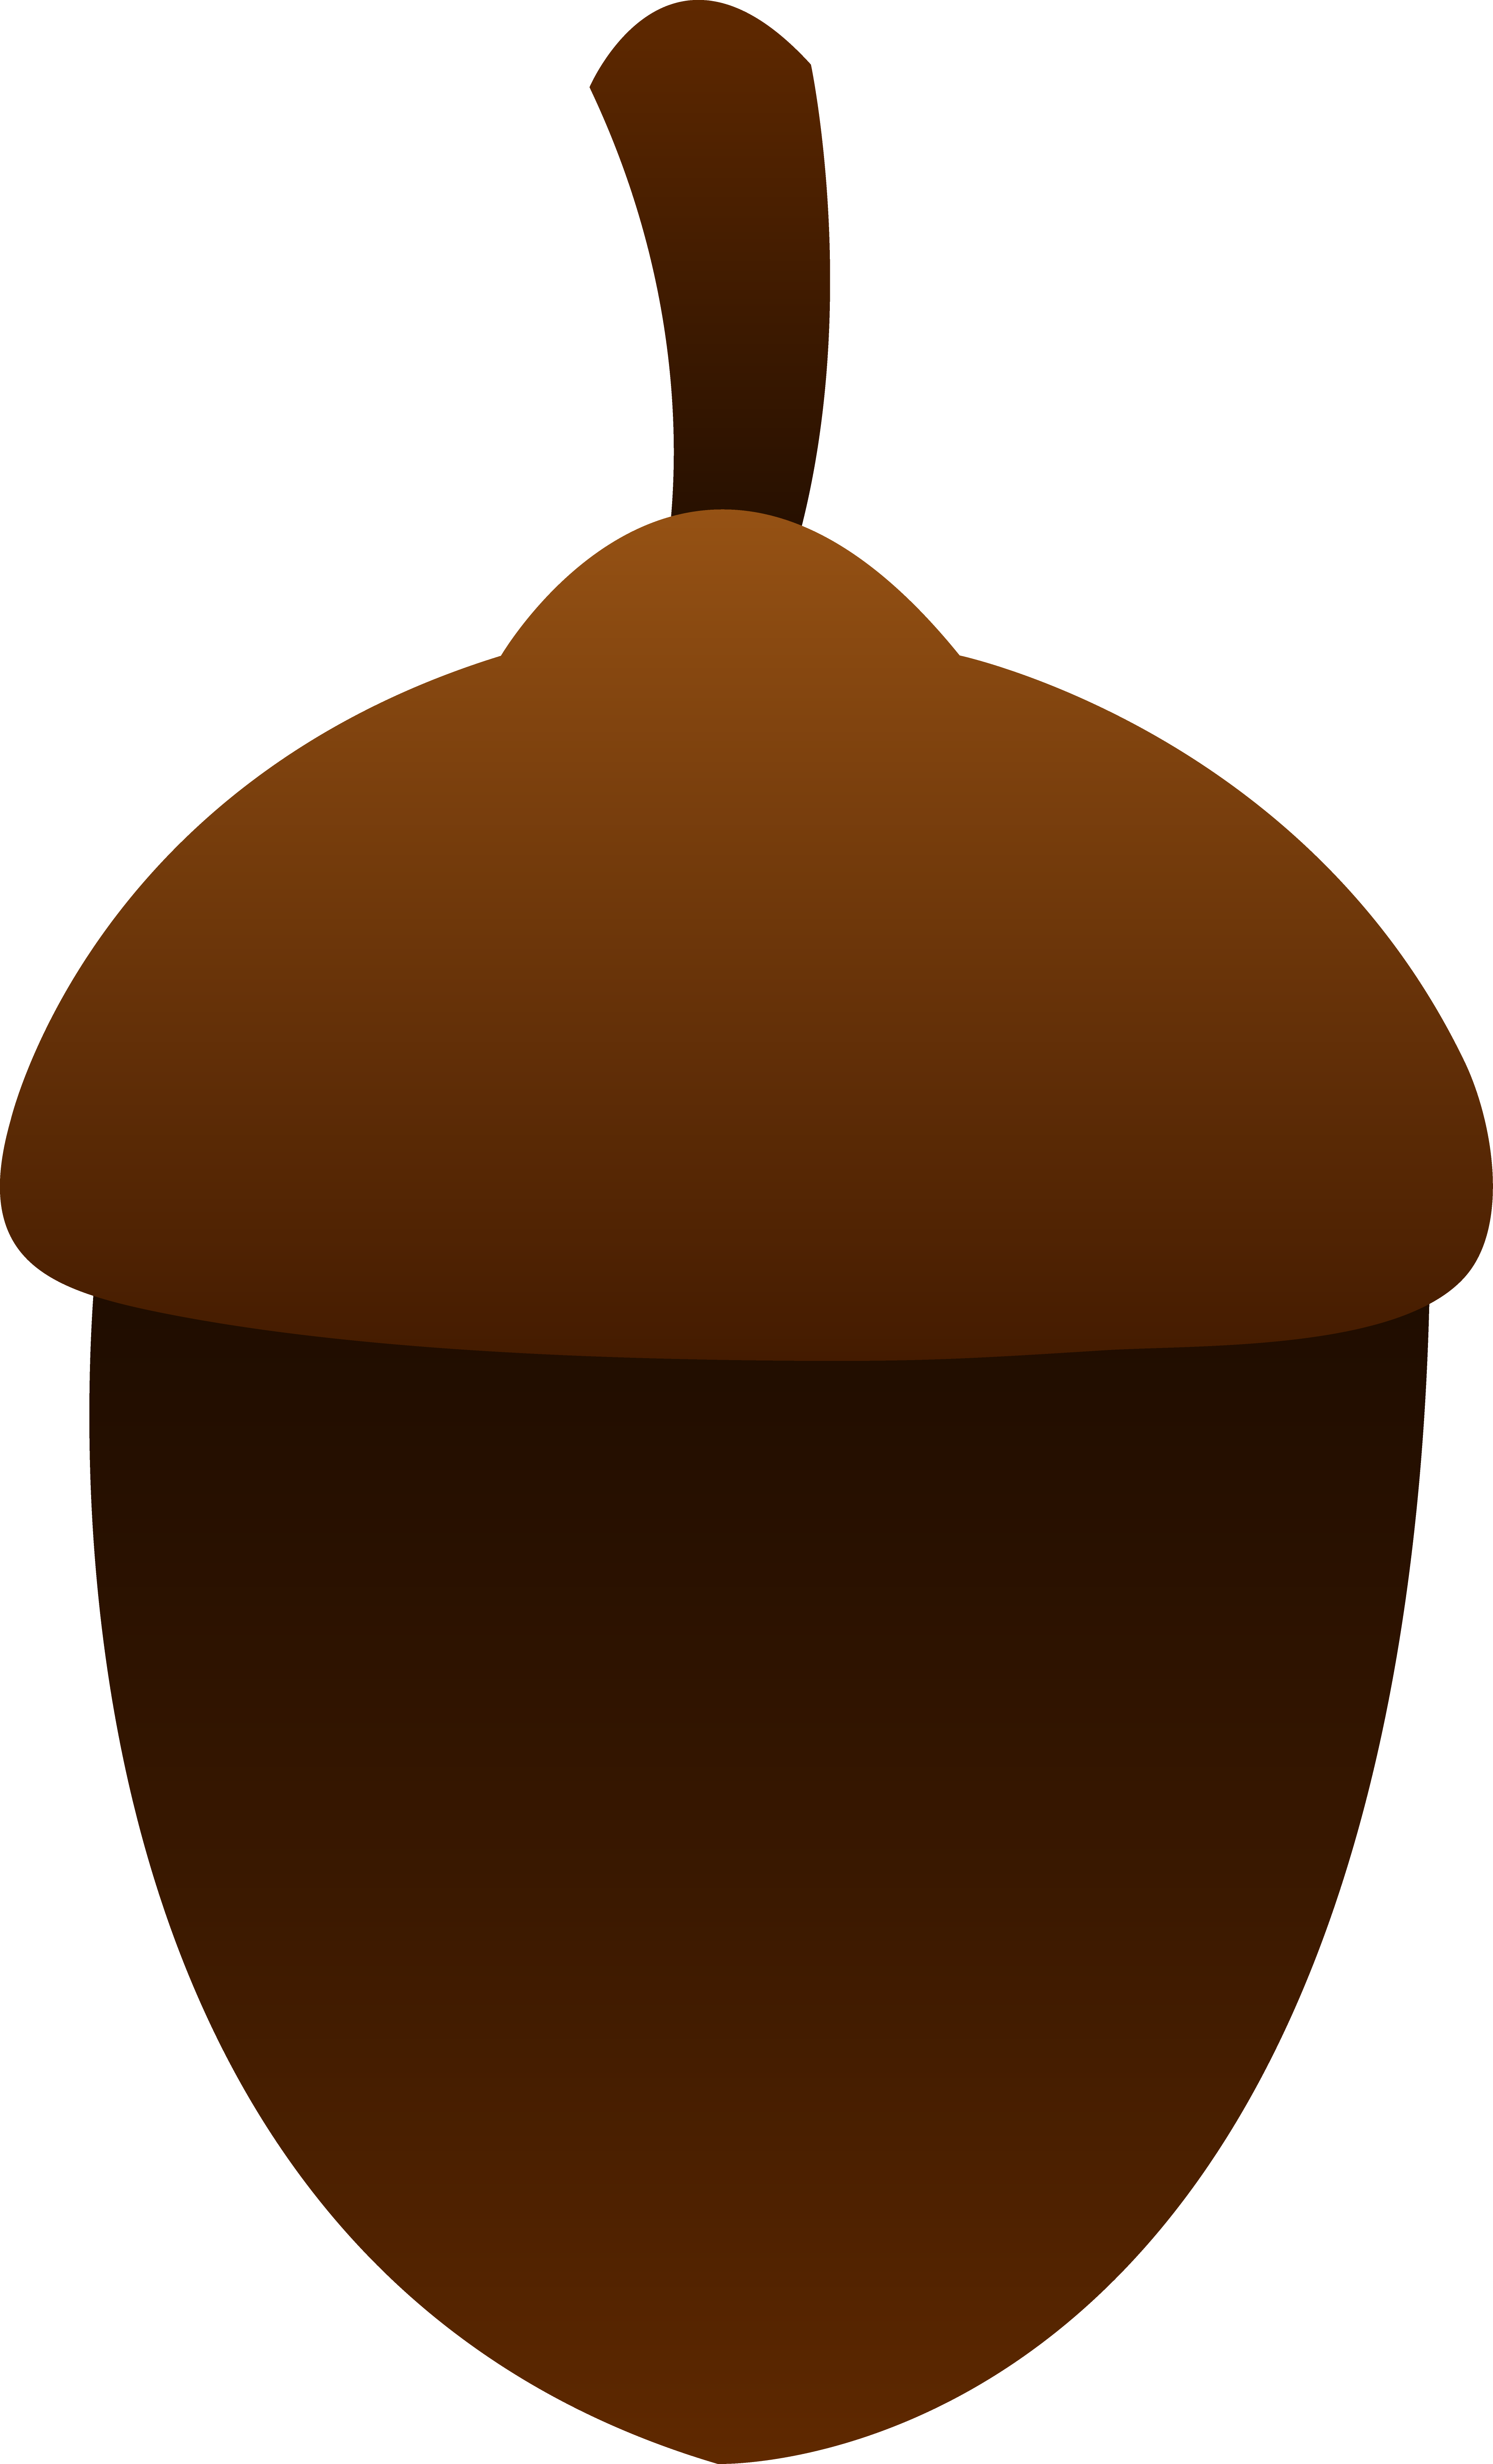 tree nut clip art - photo #10